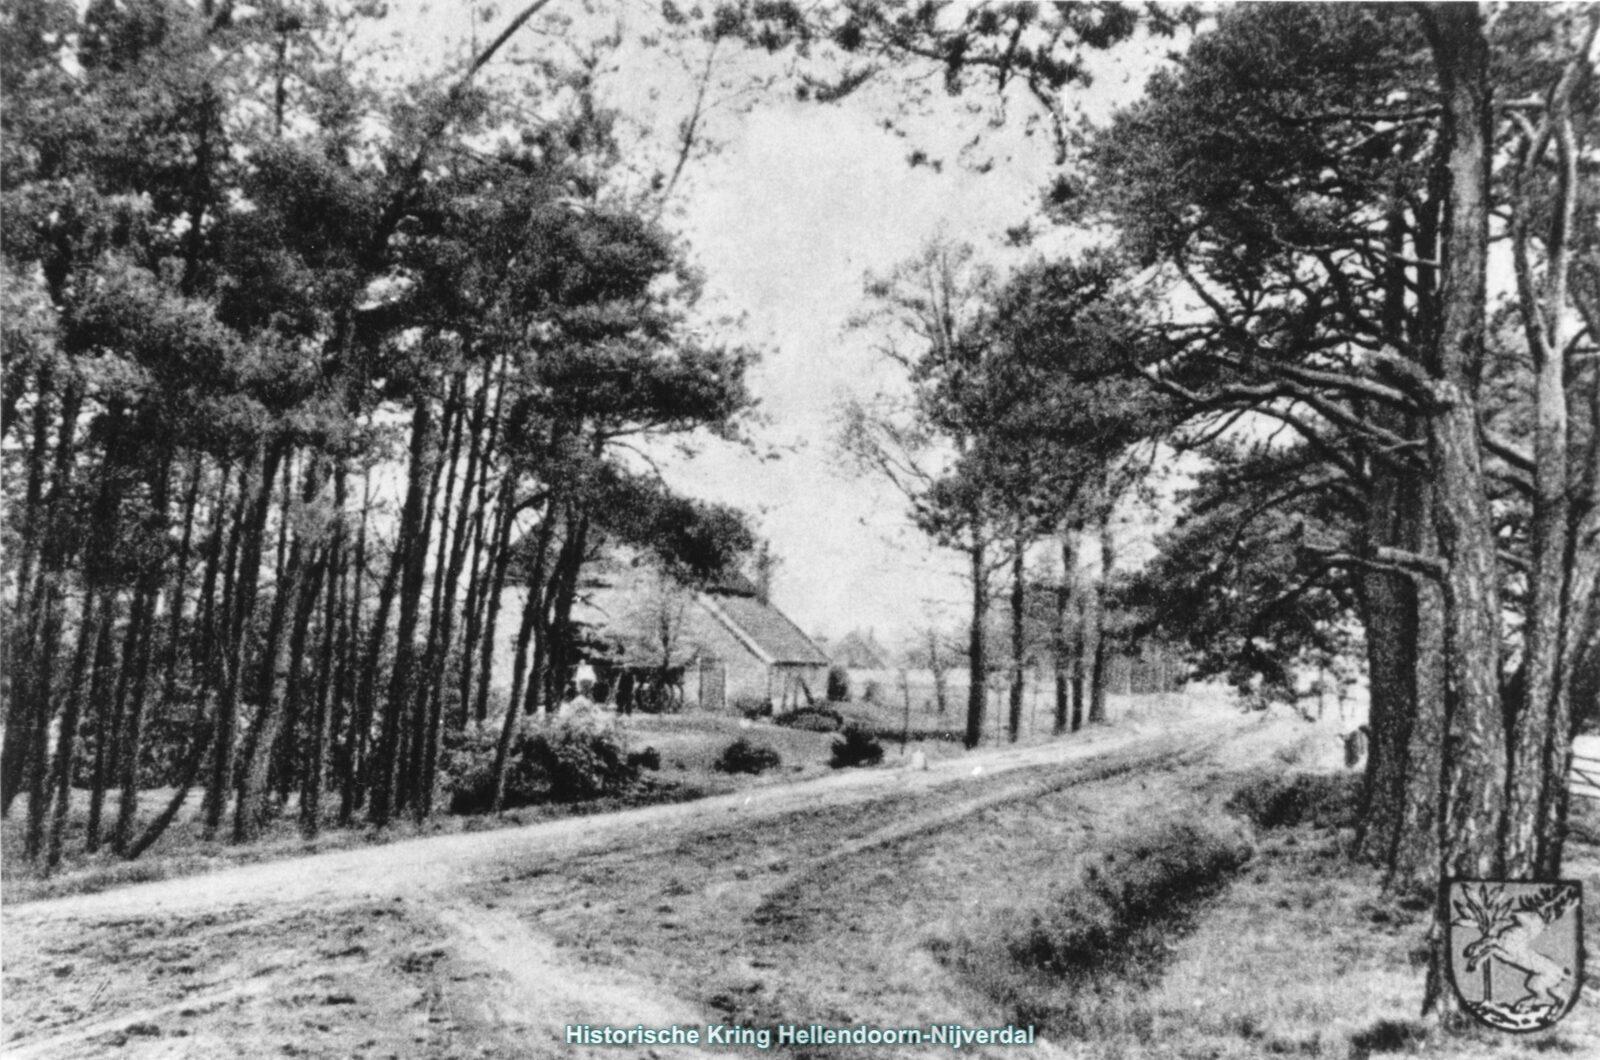 Historische wandeling van Noetsele  naar Nijverdal!